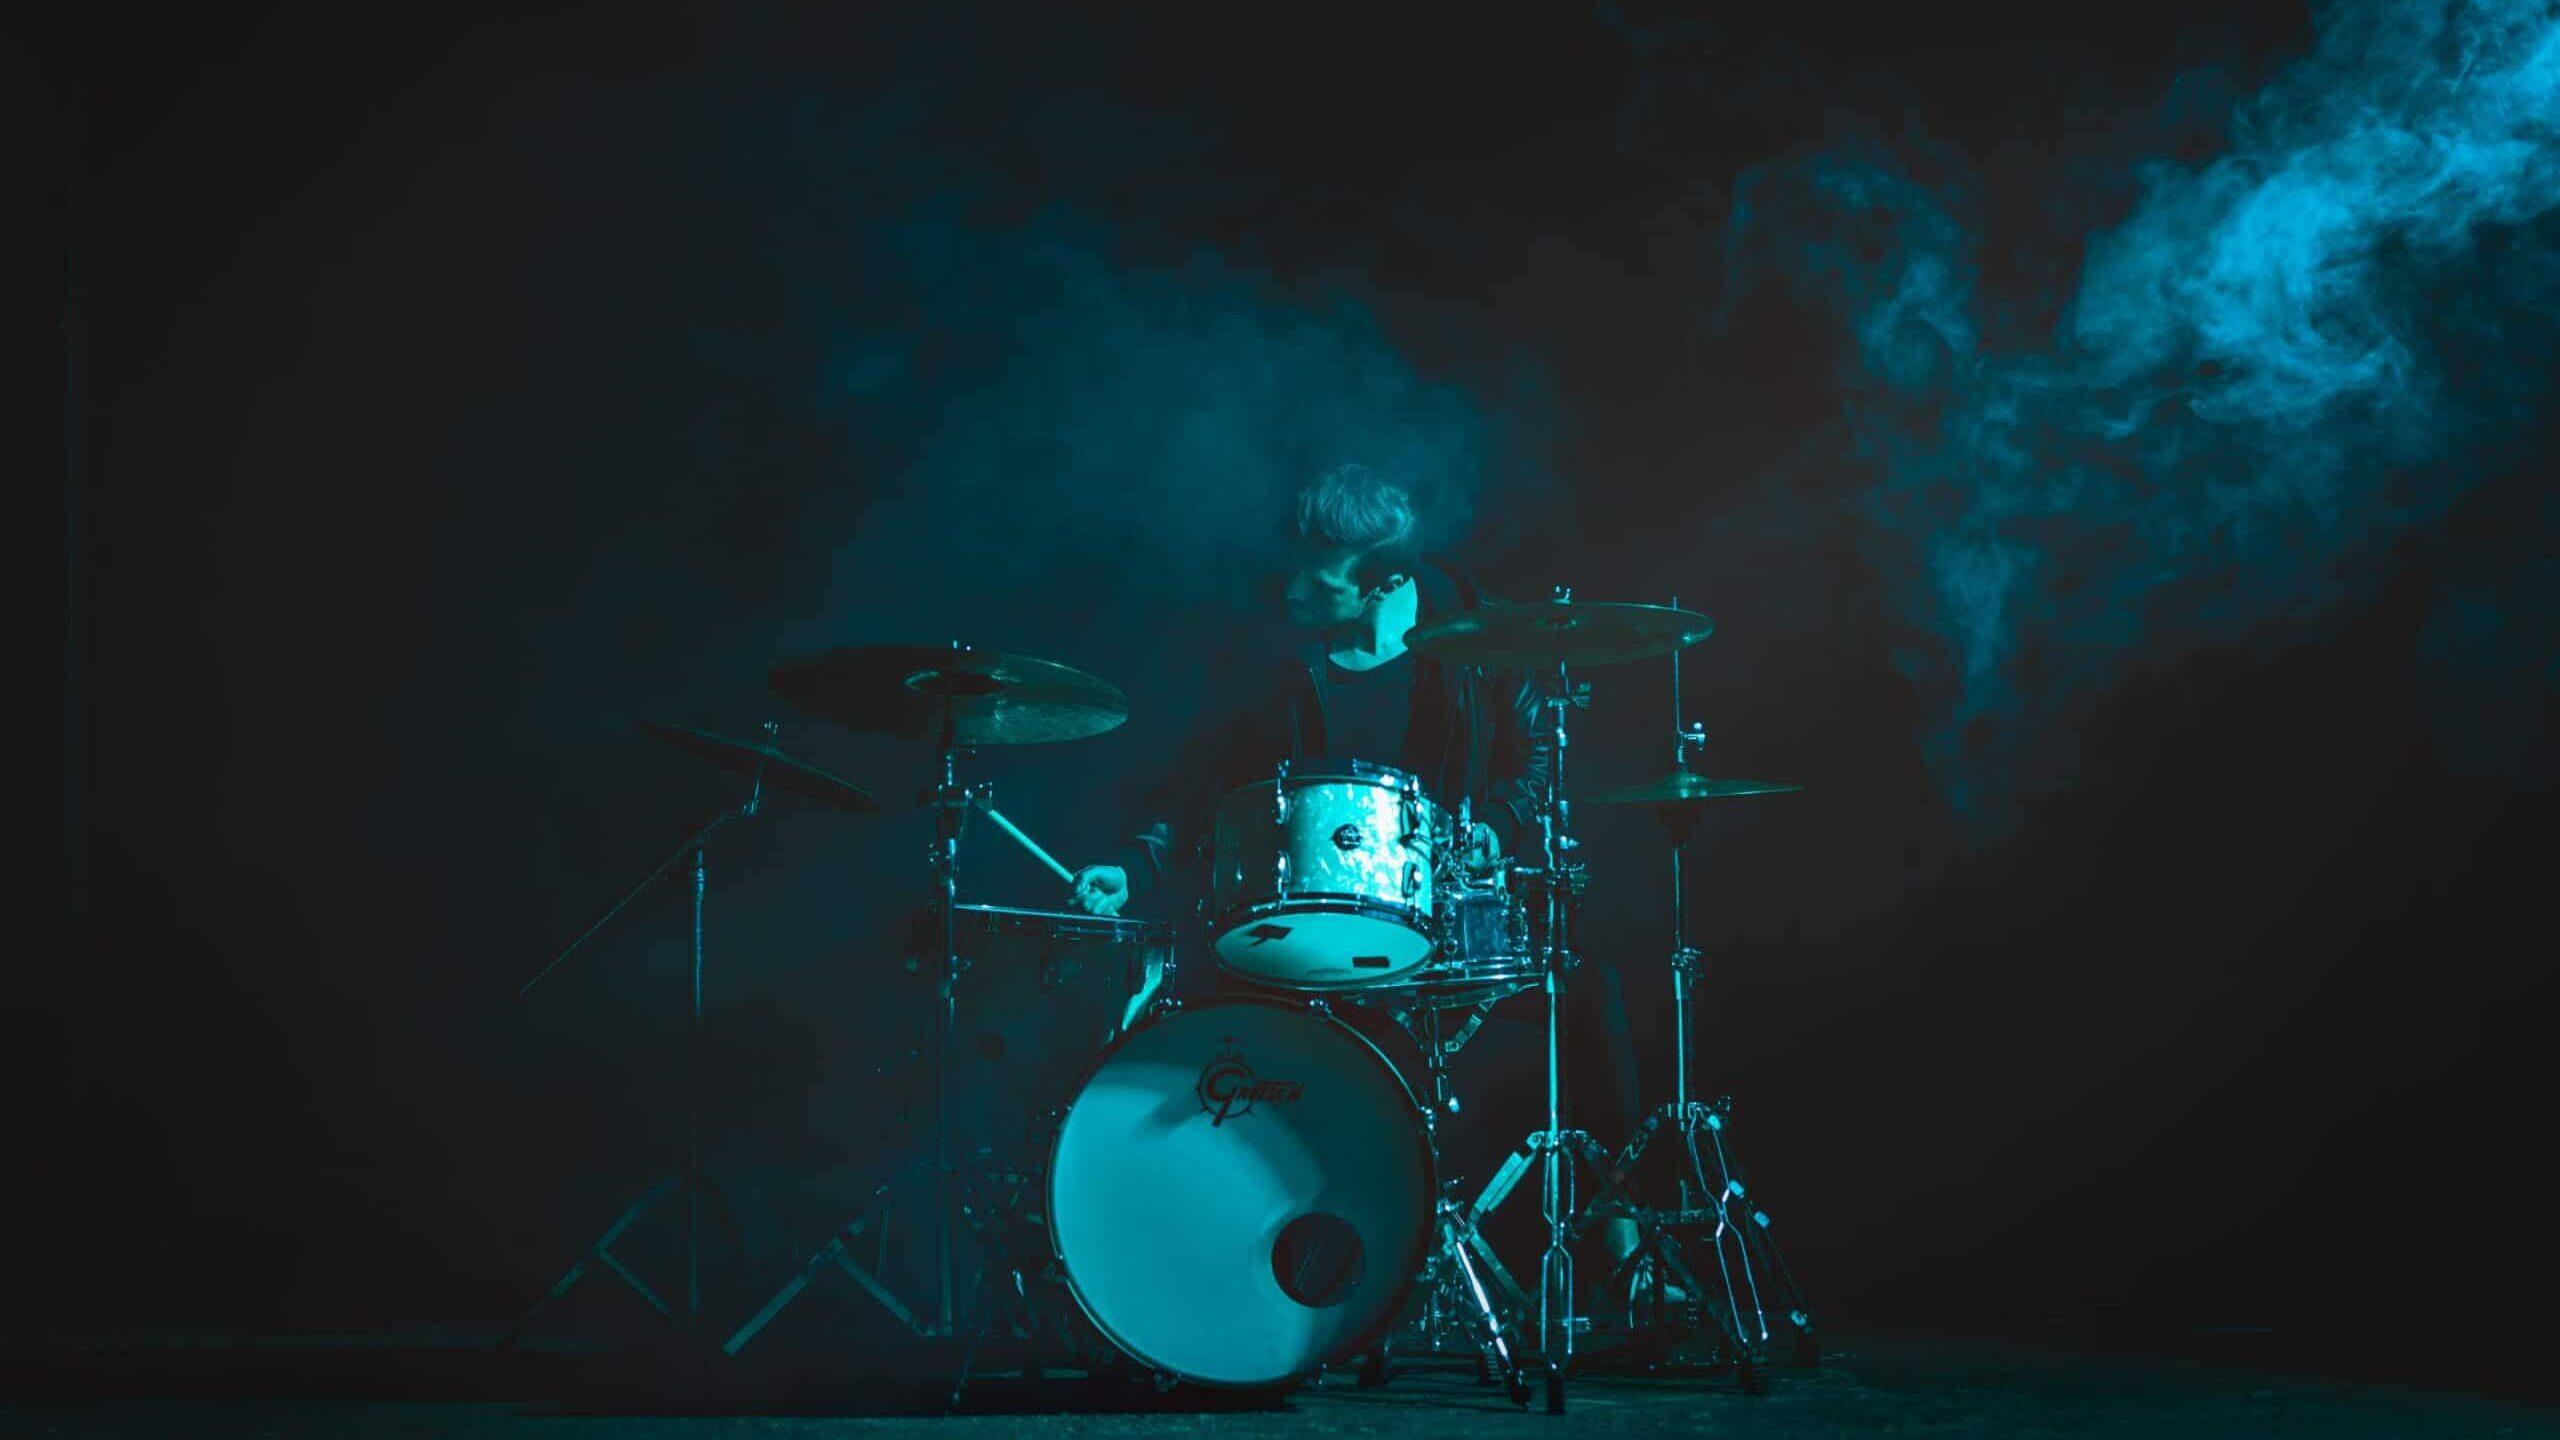 portretfoto van een drummer met gebruik van blauw gekleurd flitslicht